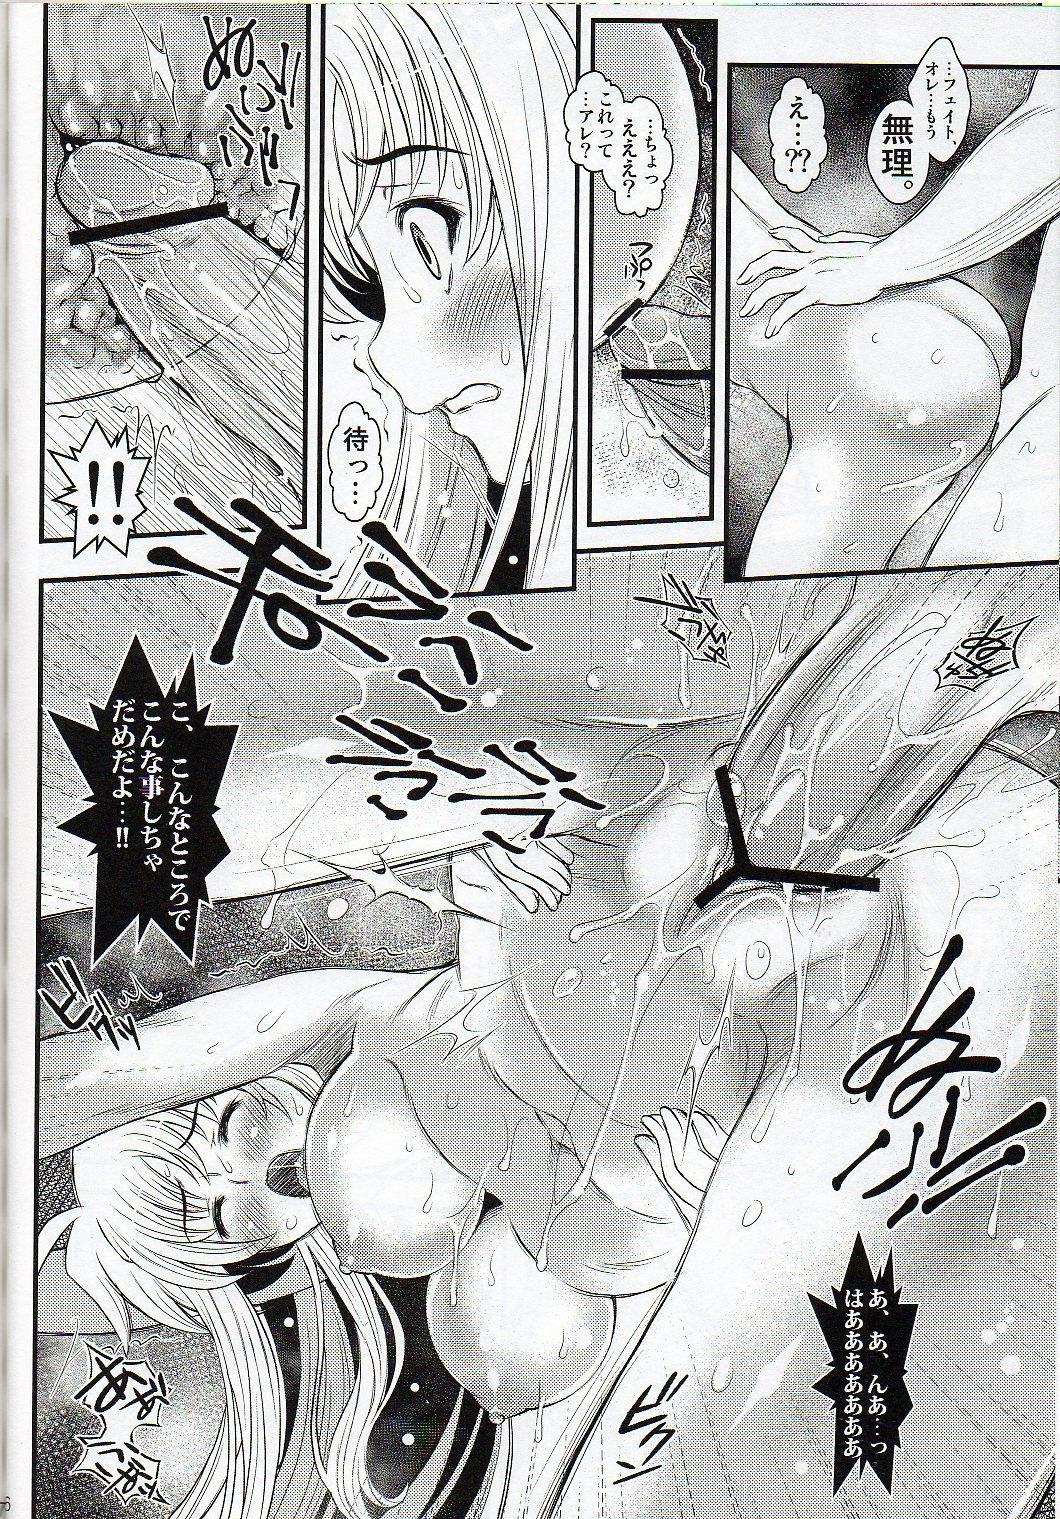 【リリなの エロ同人誌】フェイトと旅行先の温泉で青姦ファックwwダメって言われたけどたっぷり膣内射精SEXしちゃって・・www【フェイト・テスタロッサ】